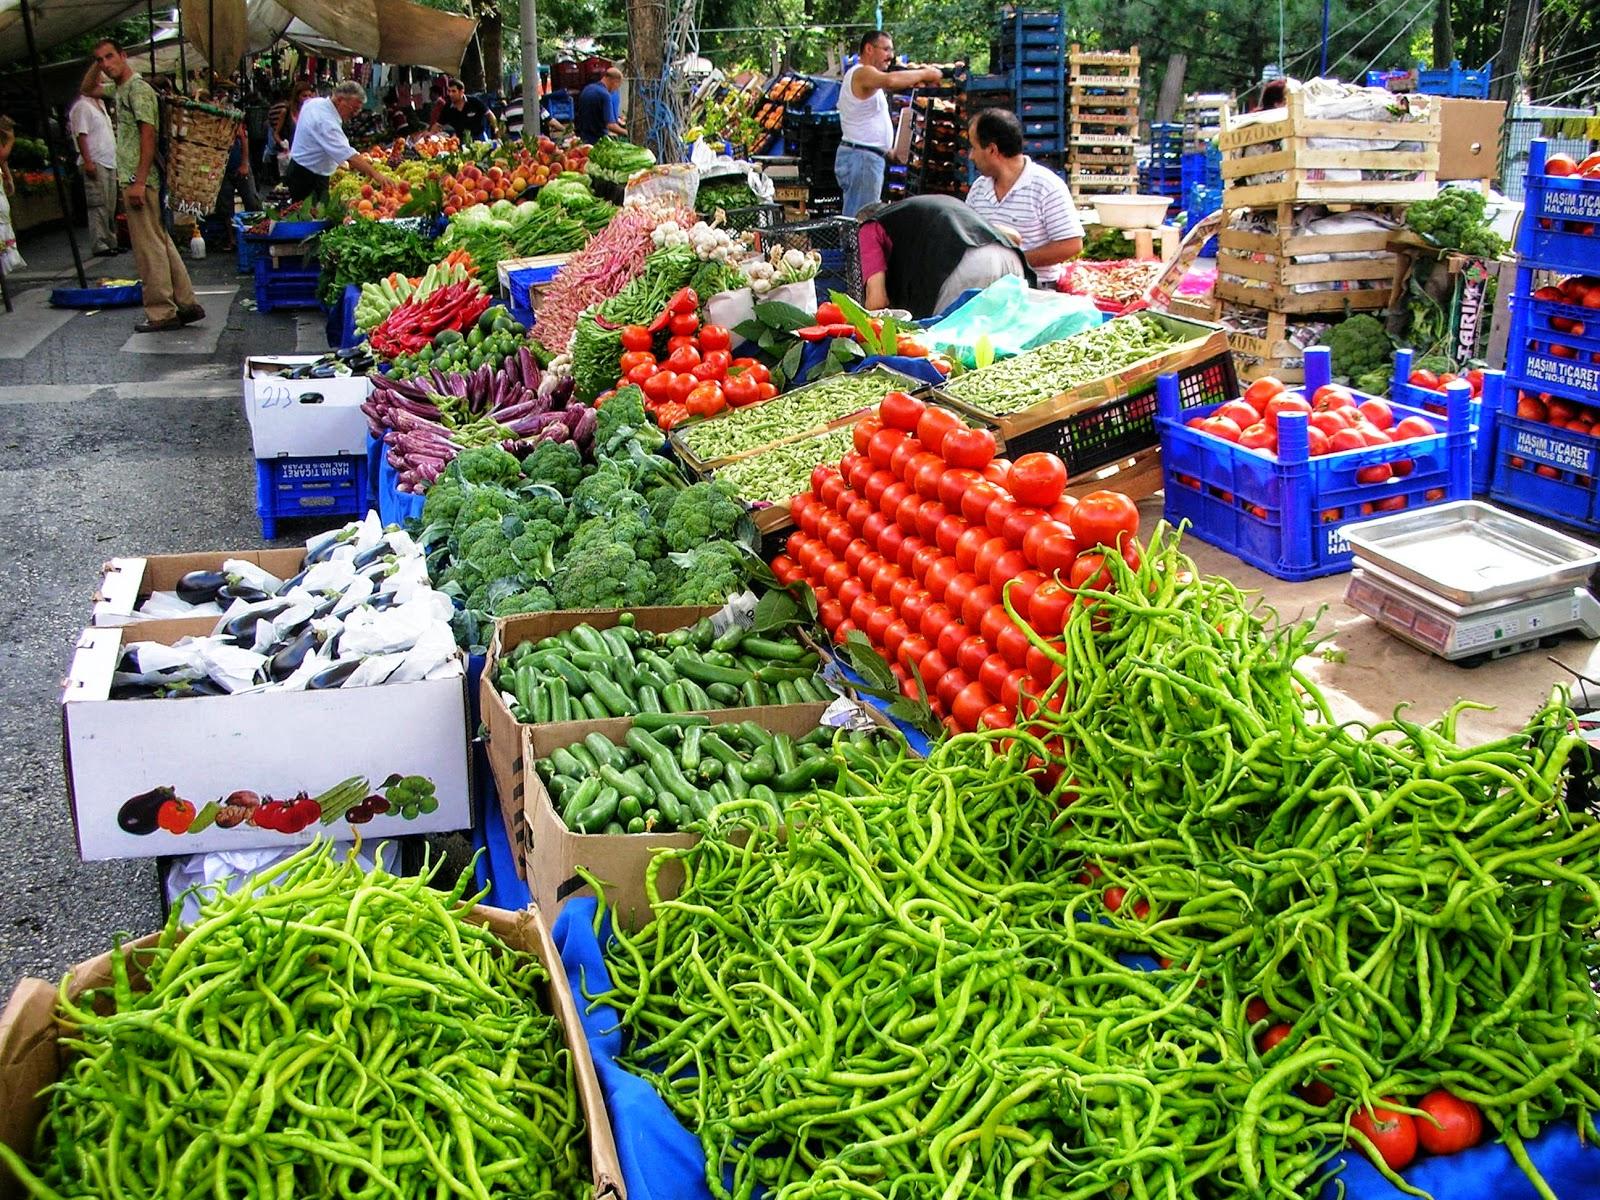 allah-beni-boyle-yaratmis-pazar-bazaar